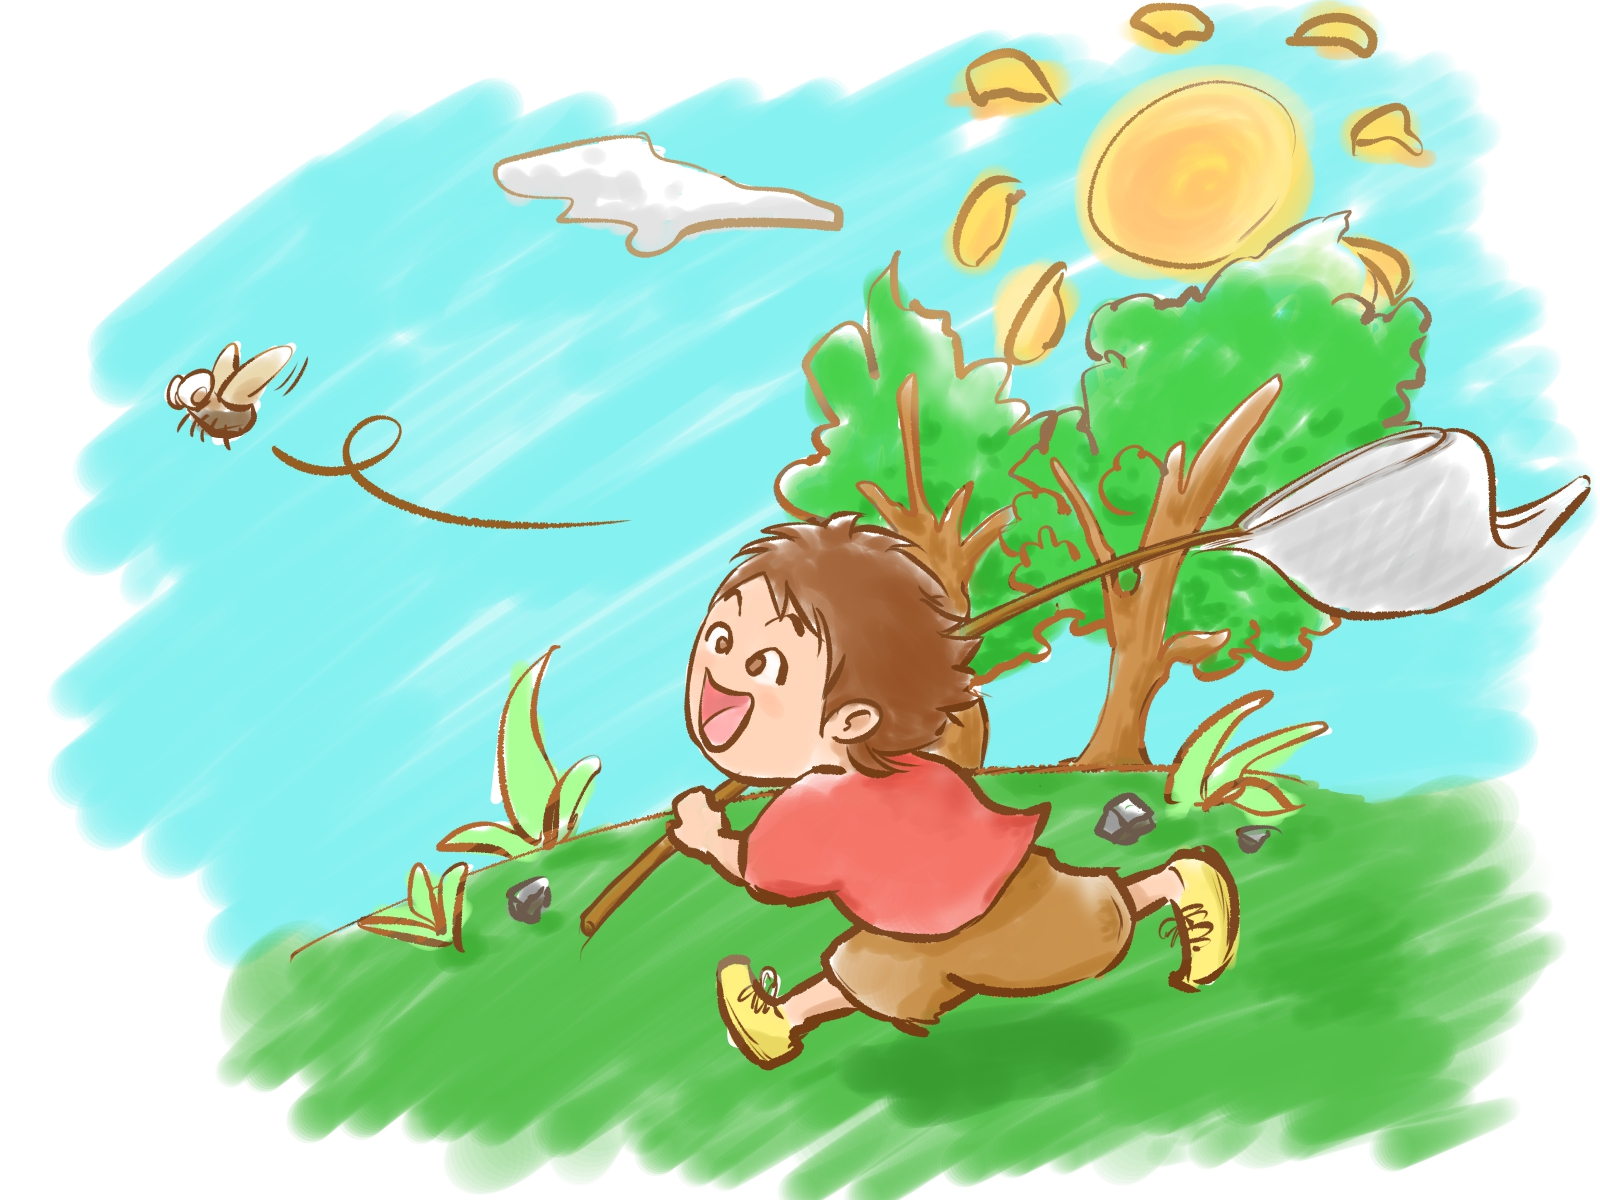 夏 昆虫採集 虫捕り 子ども